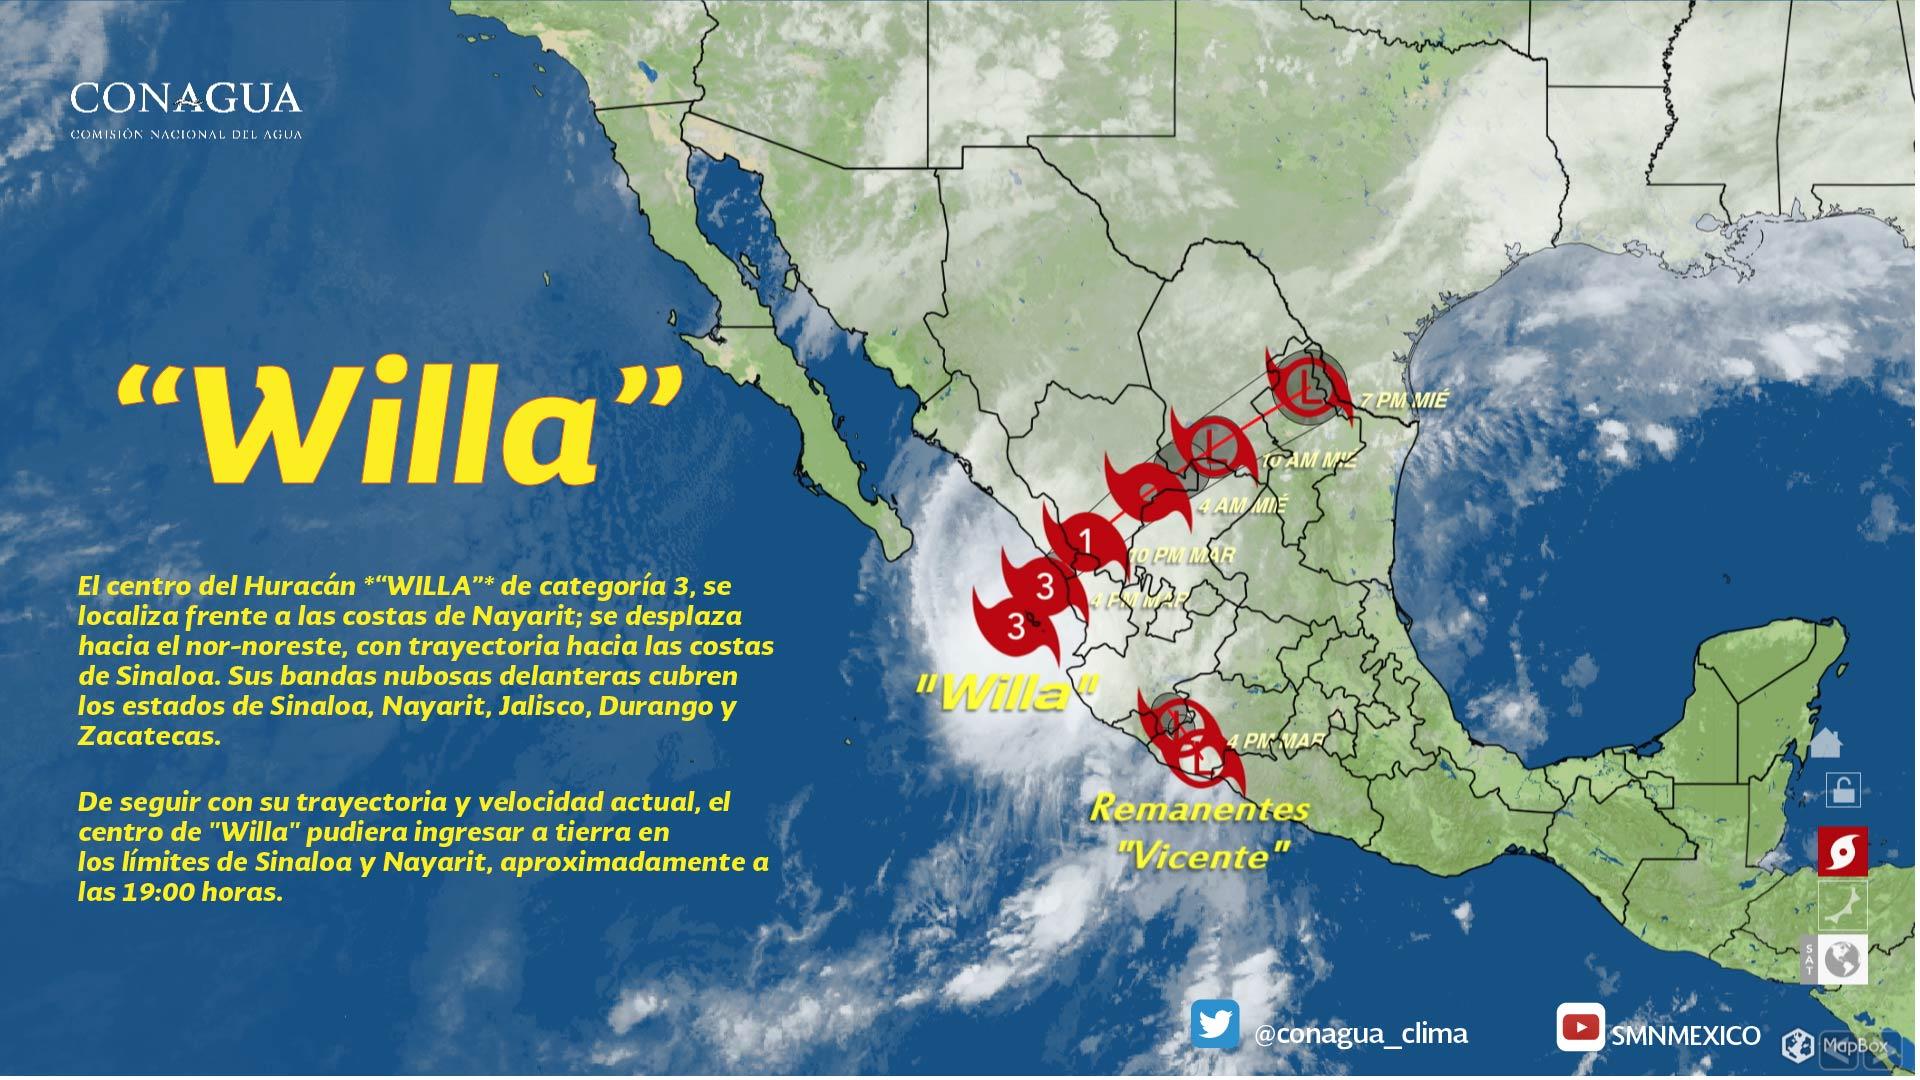 Willa se localizó a 55 kilómetros de las Islas Marías, Nayarit, como huracán categoría 3